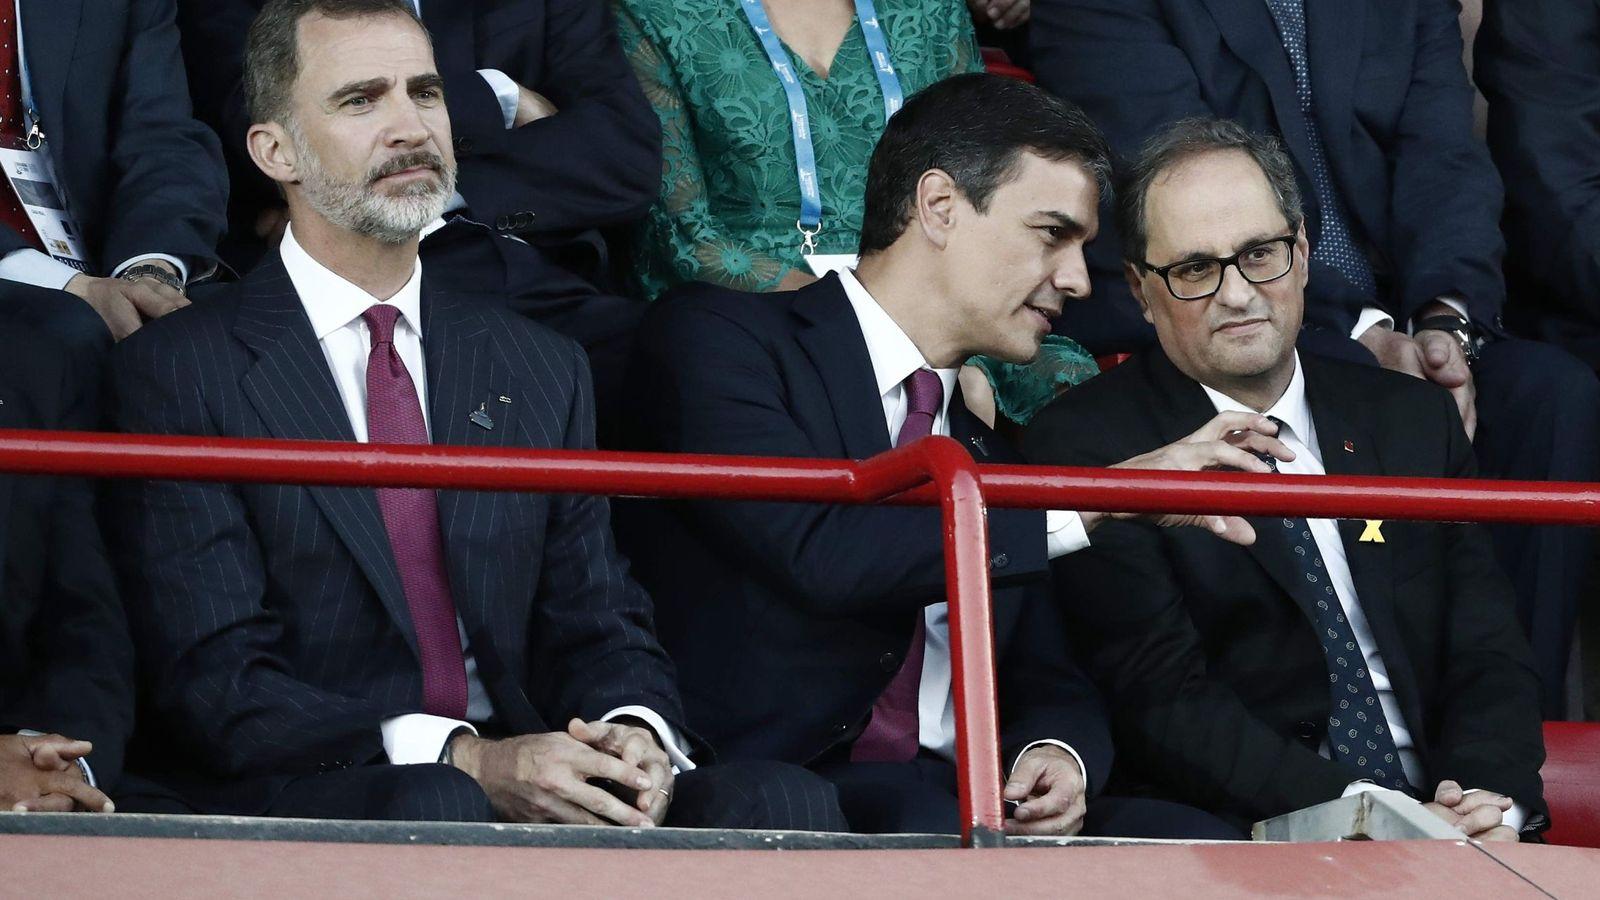 Foto: El rey Felipe VI junto a Pedro Sánchez y Quim Torra, el pasado 22 de junio en la inauguración de los XVIII Juegos Mediterráneos en Tarragona. (EFE)